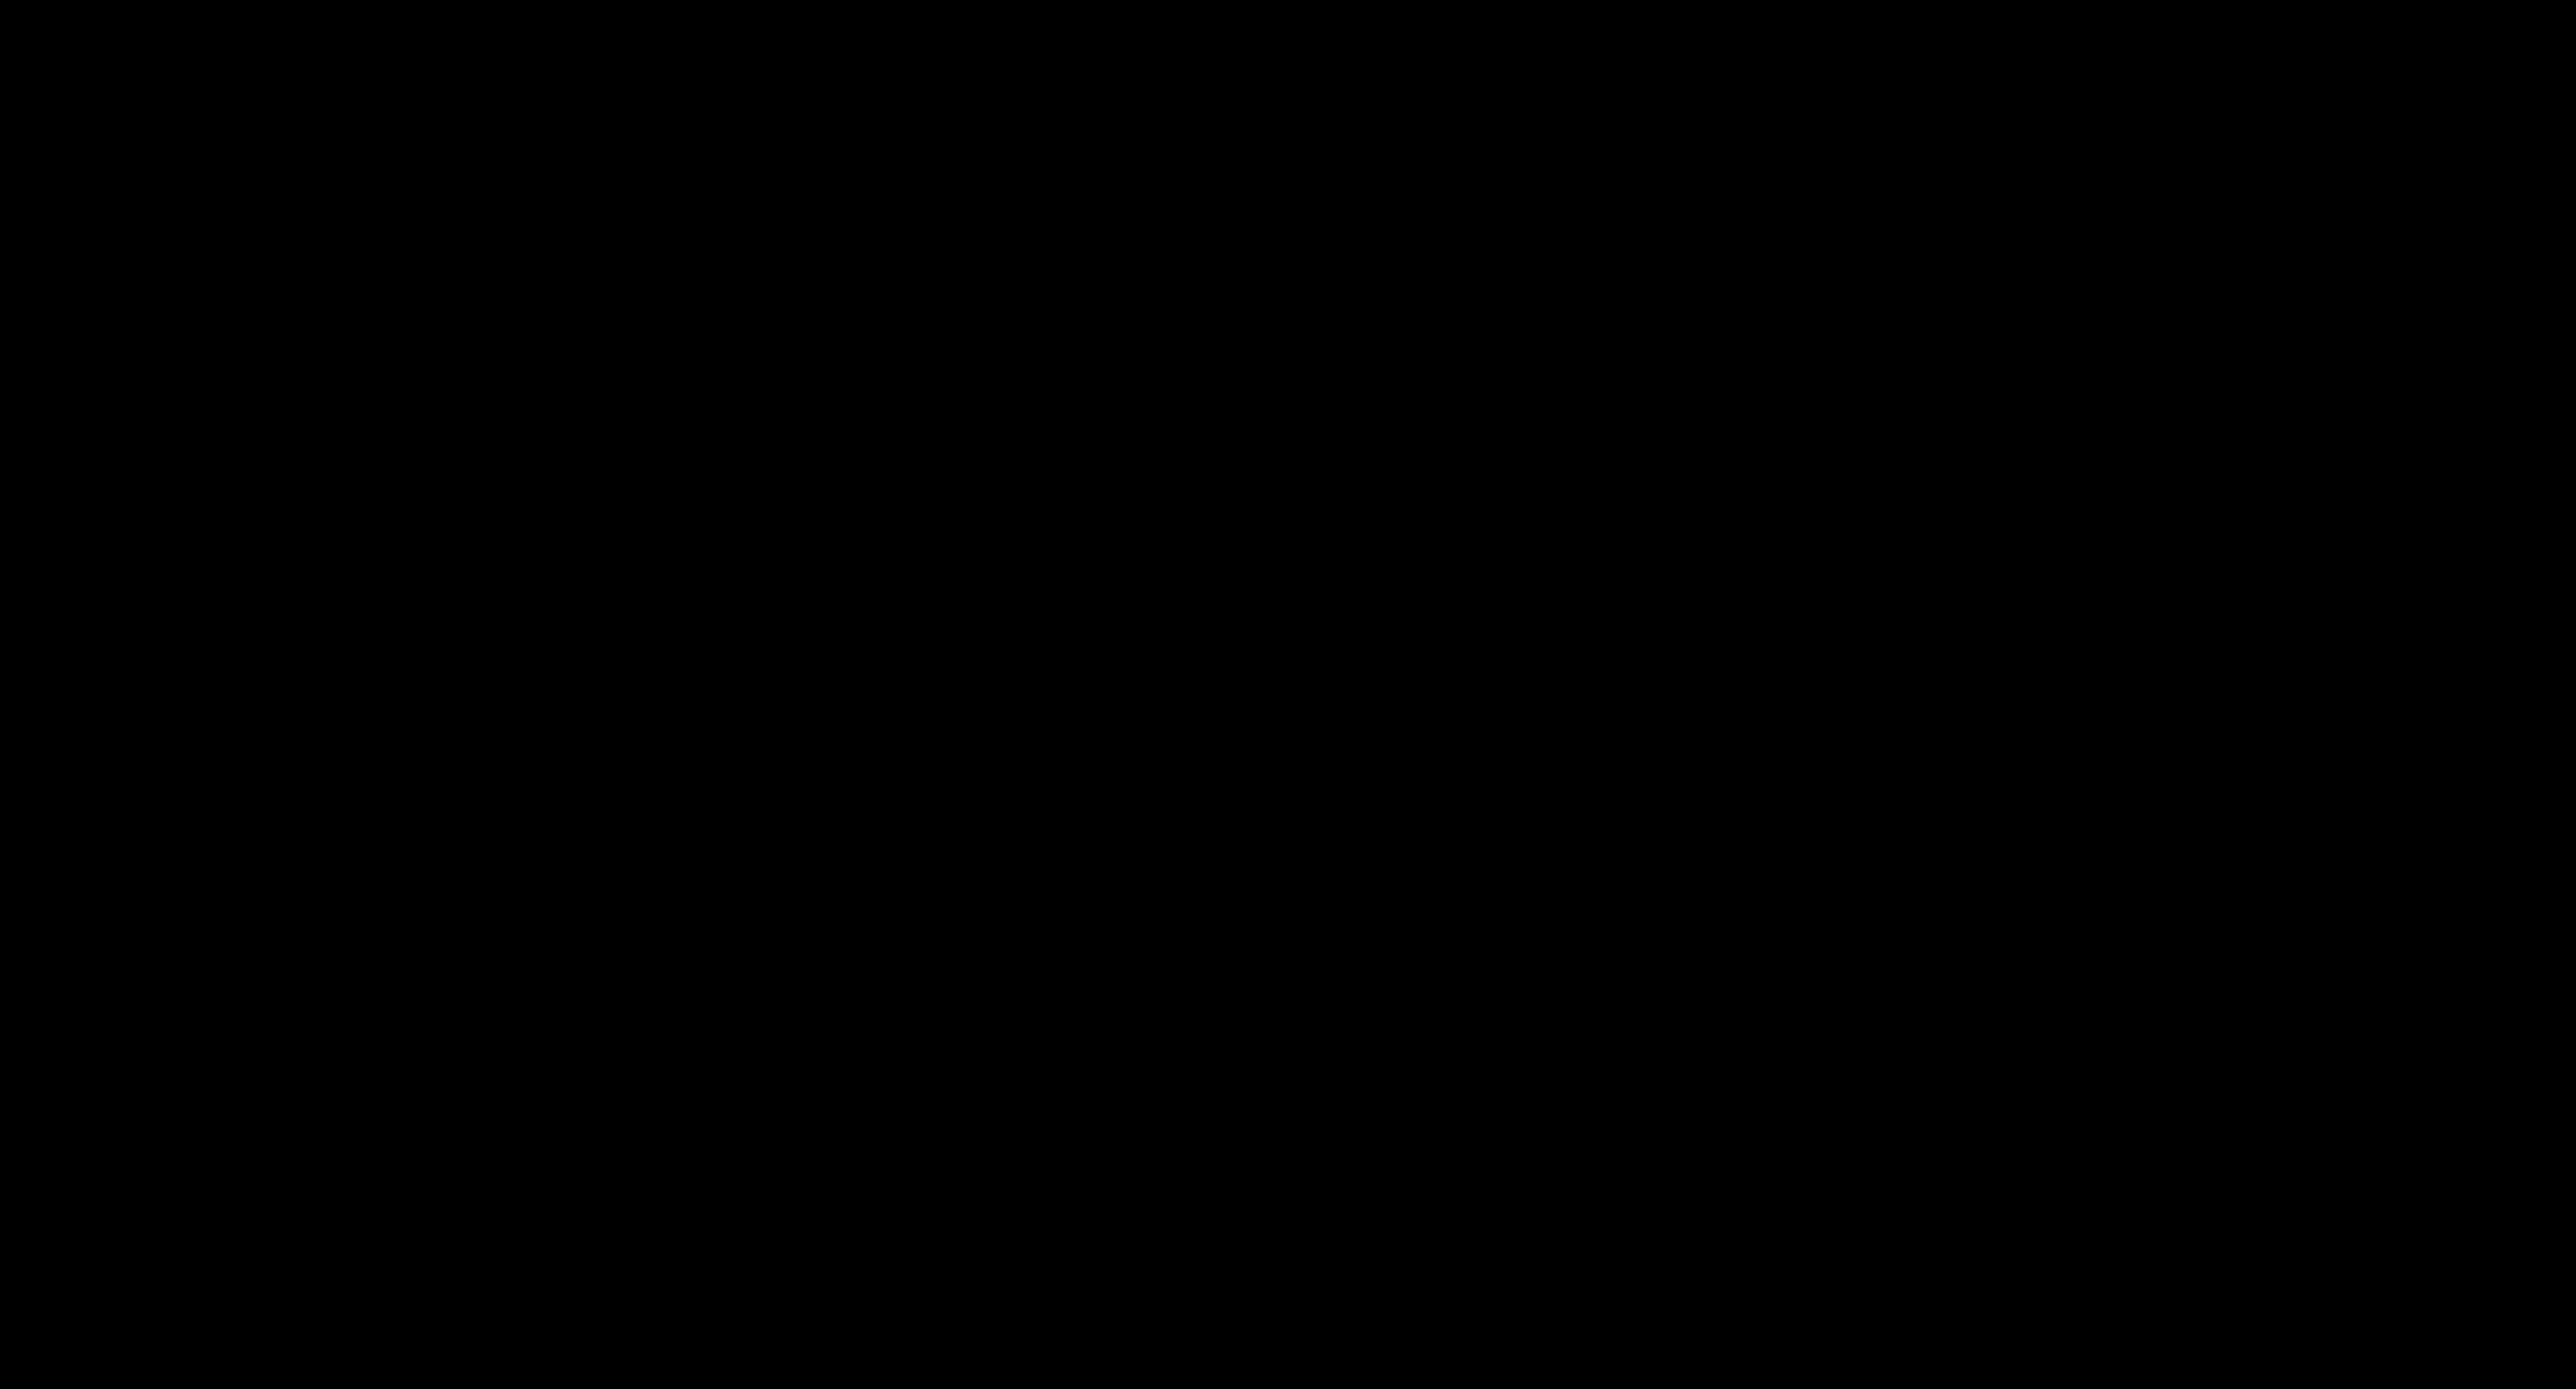 National AI Strategy